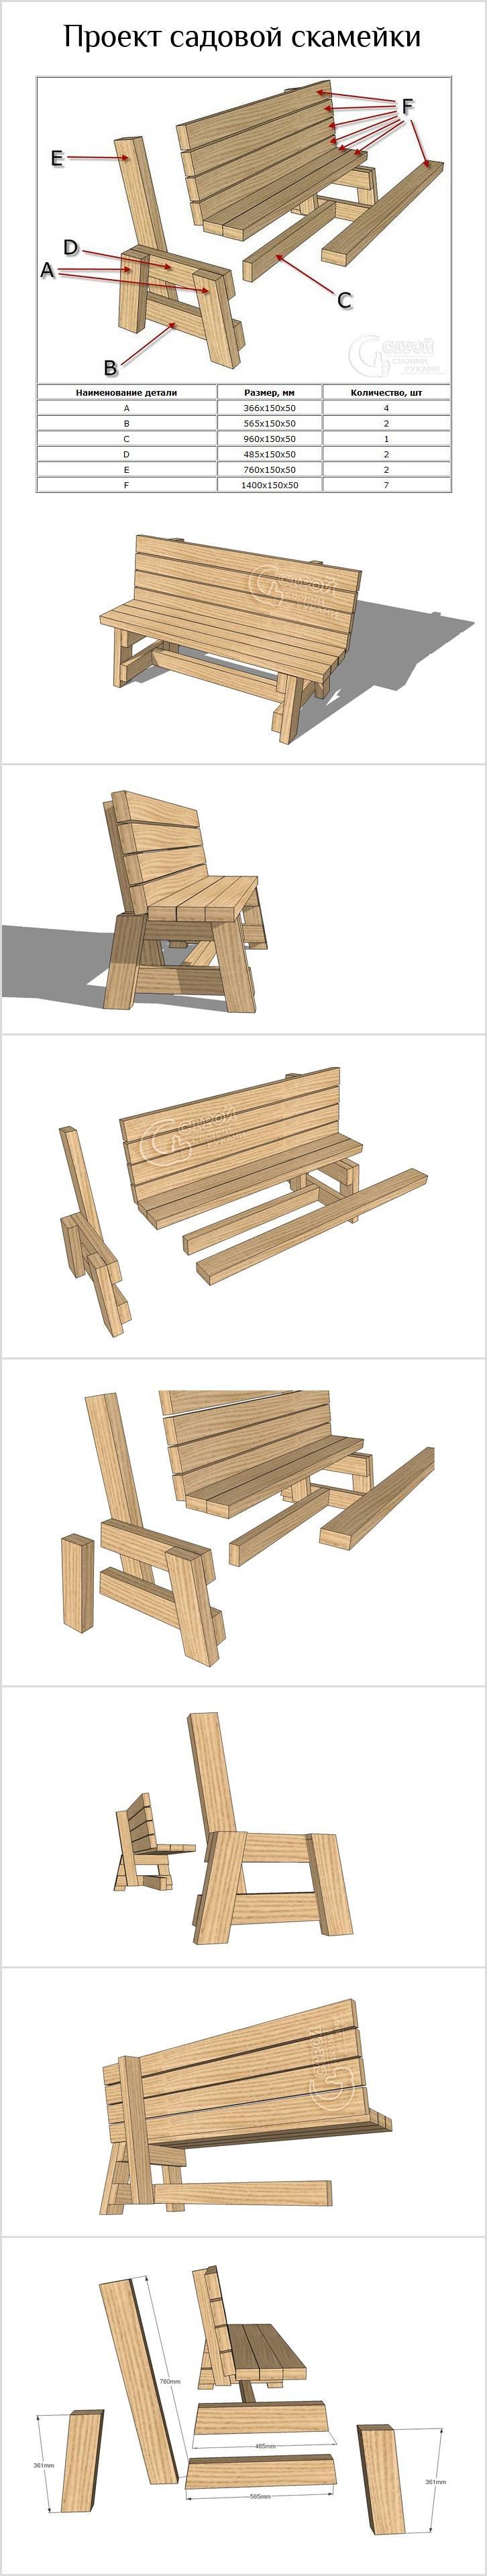 Проект садовой скамейки